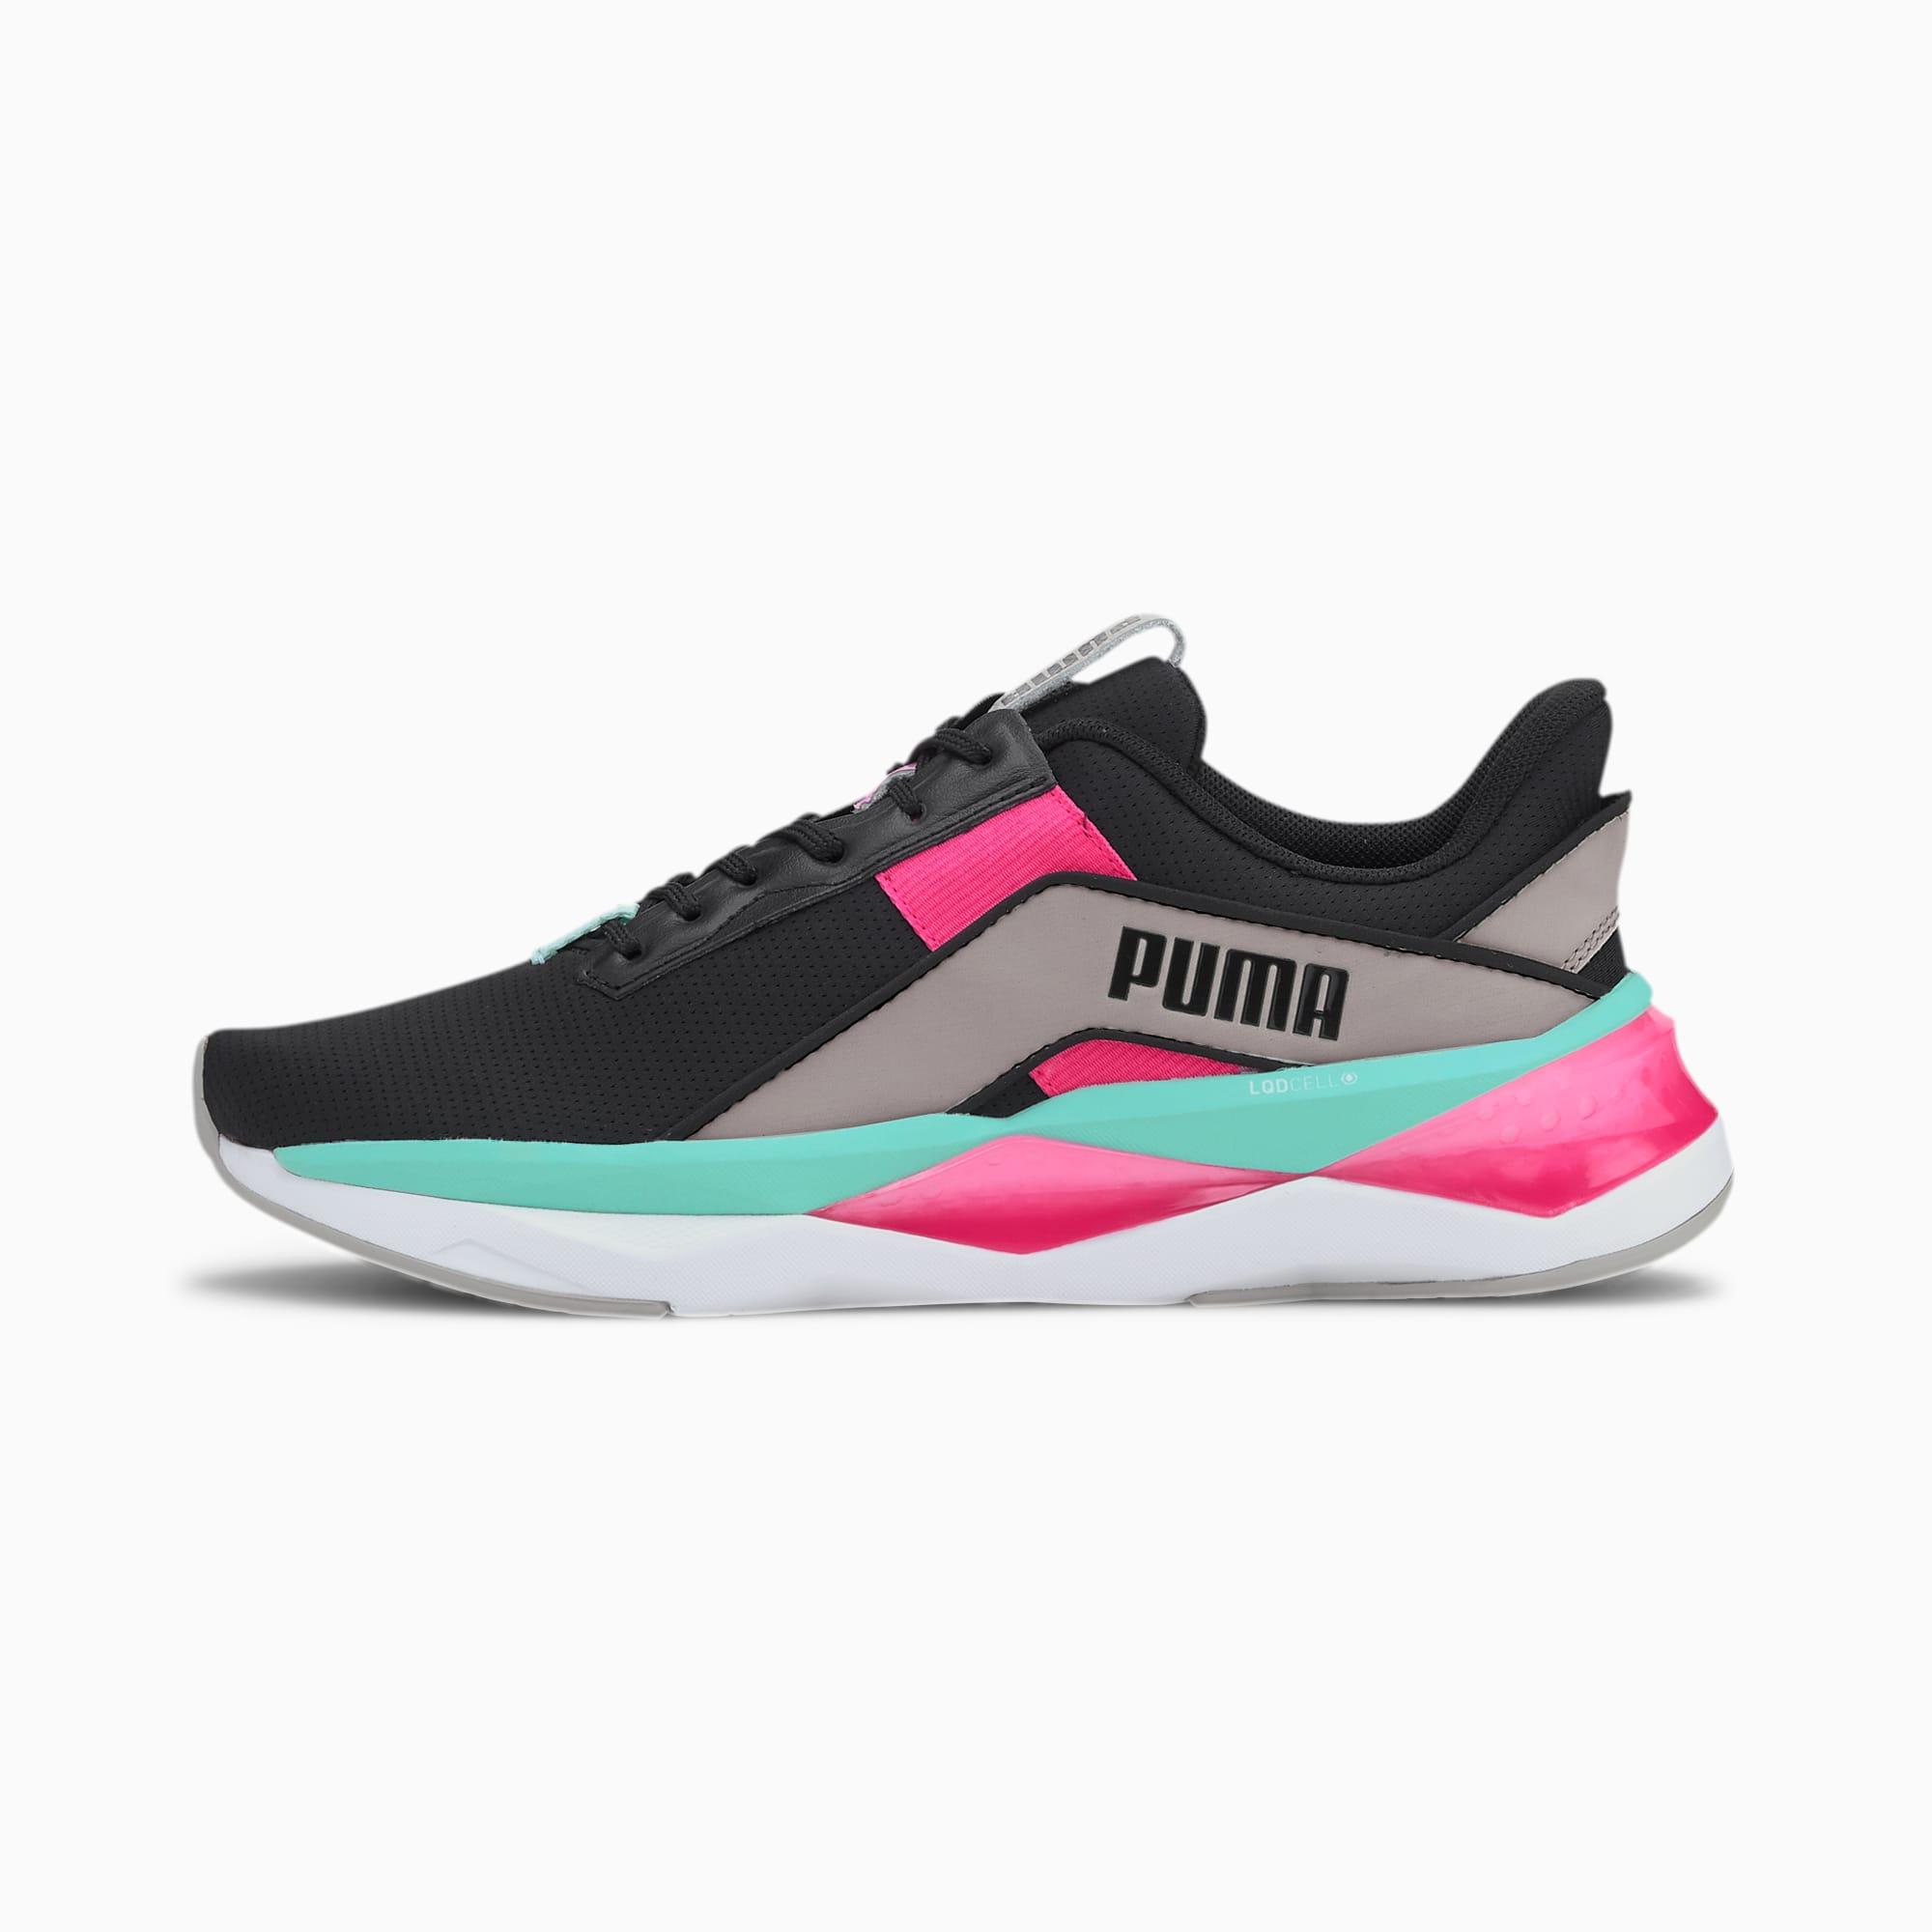 PUMA Chaussures de sport LQDCELL Shatter XT Geo femme, Noir/Gris, Taille 35.5, Chaussures